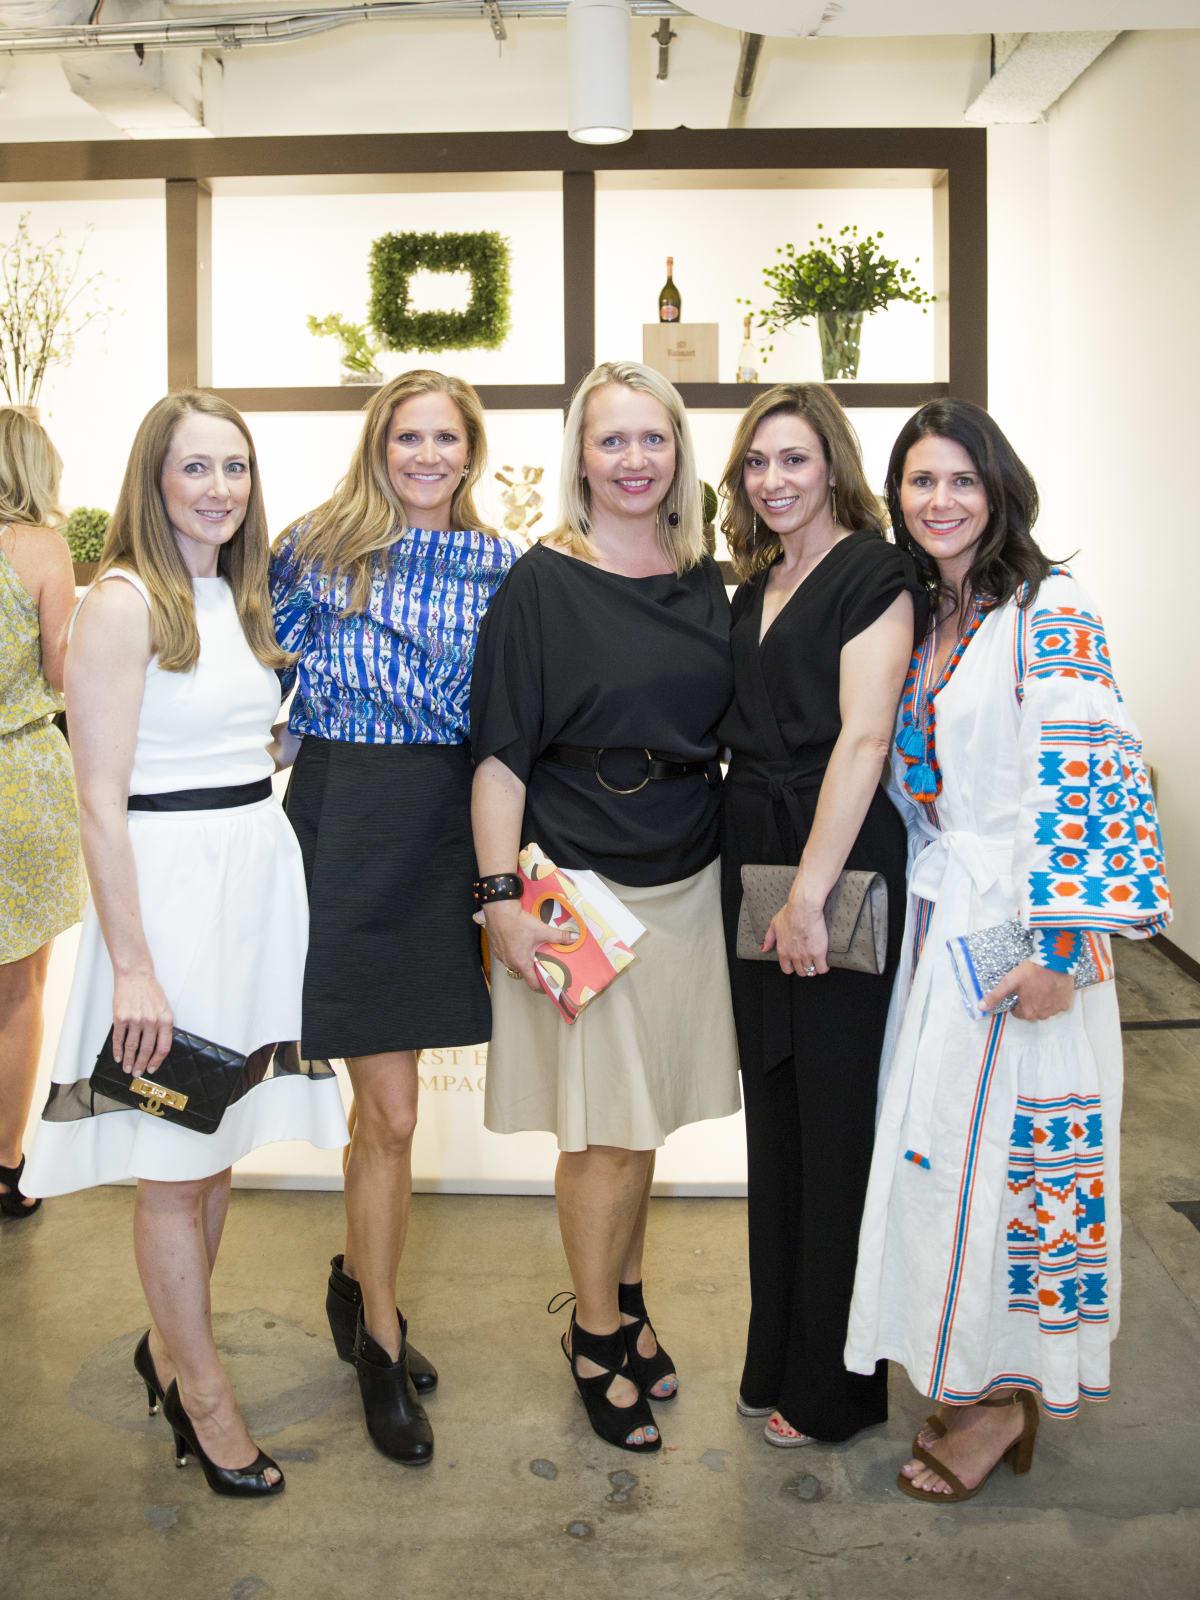 Jennifer Graham, Heather Vranich, Susan Bednar Long, Rachel Haas, Kim Dodson